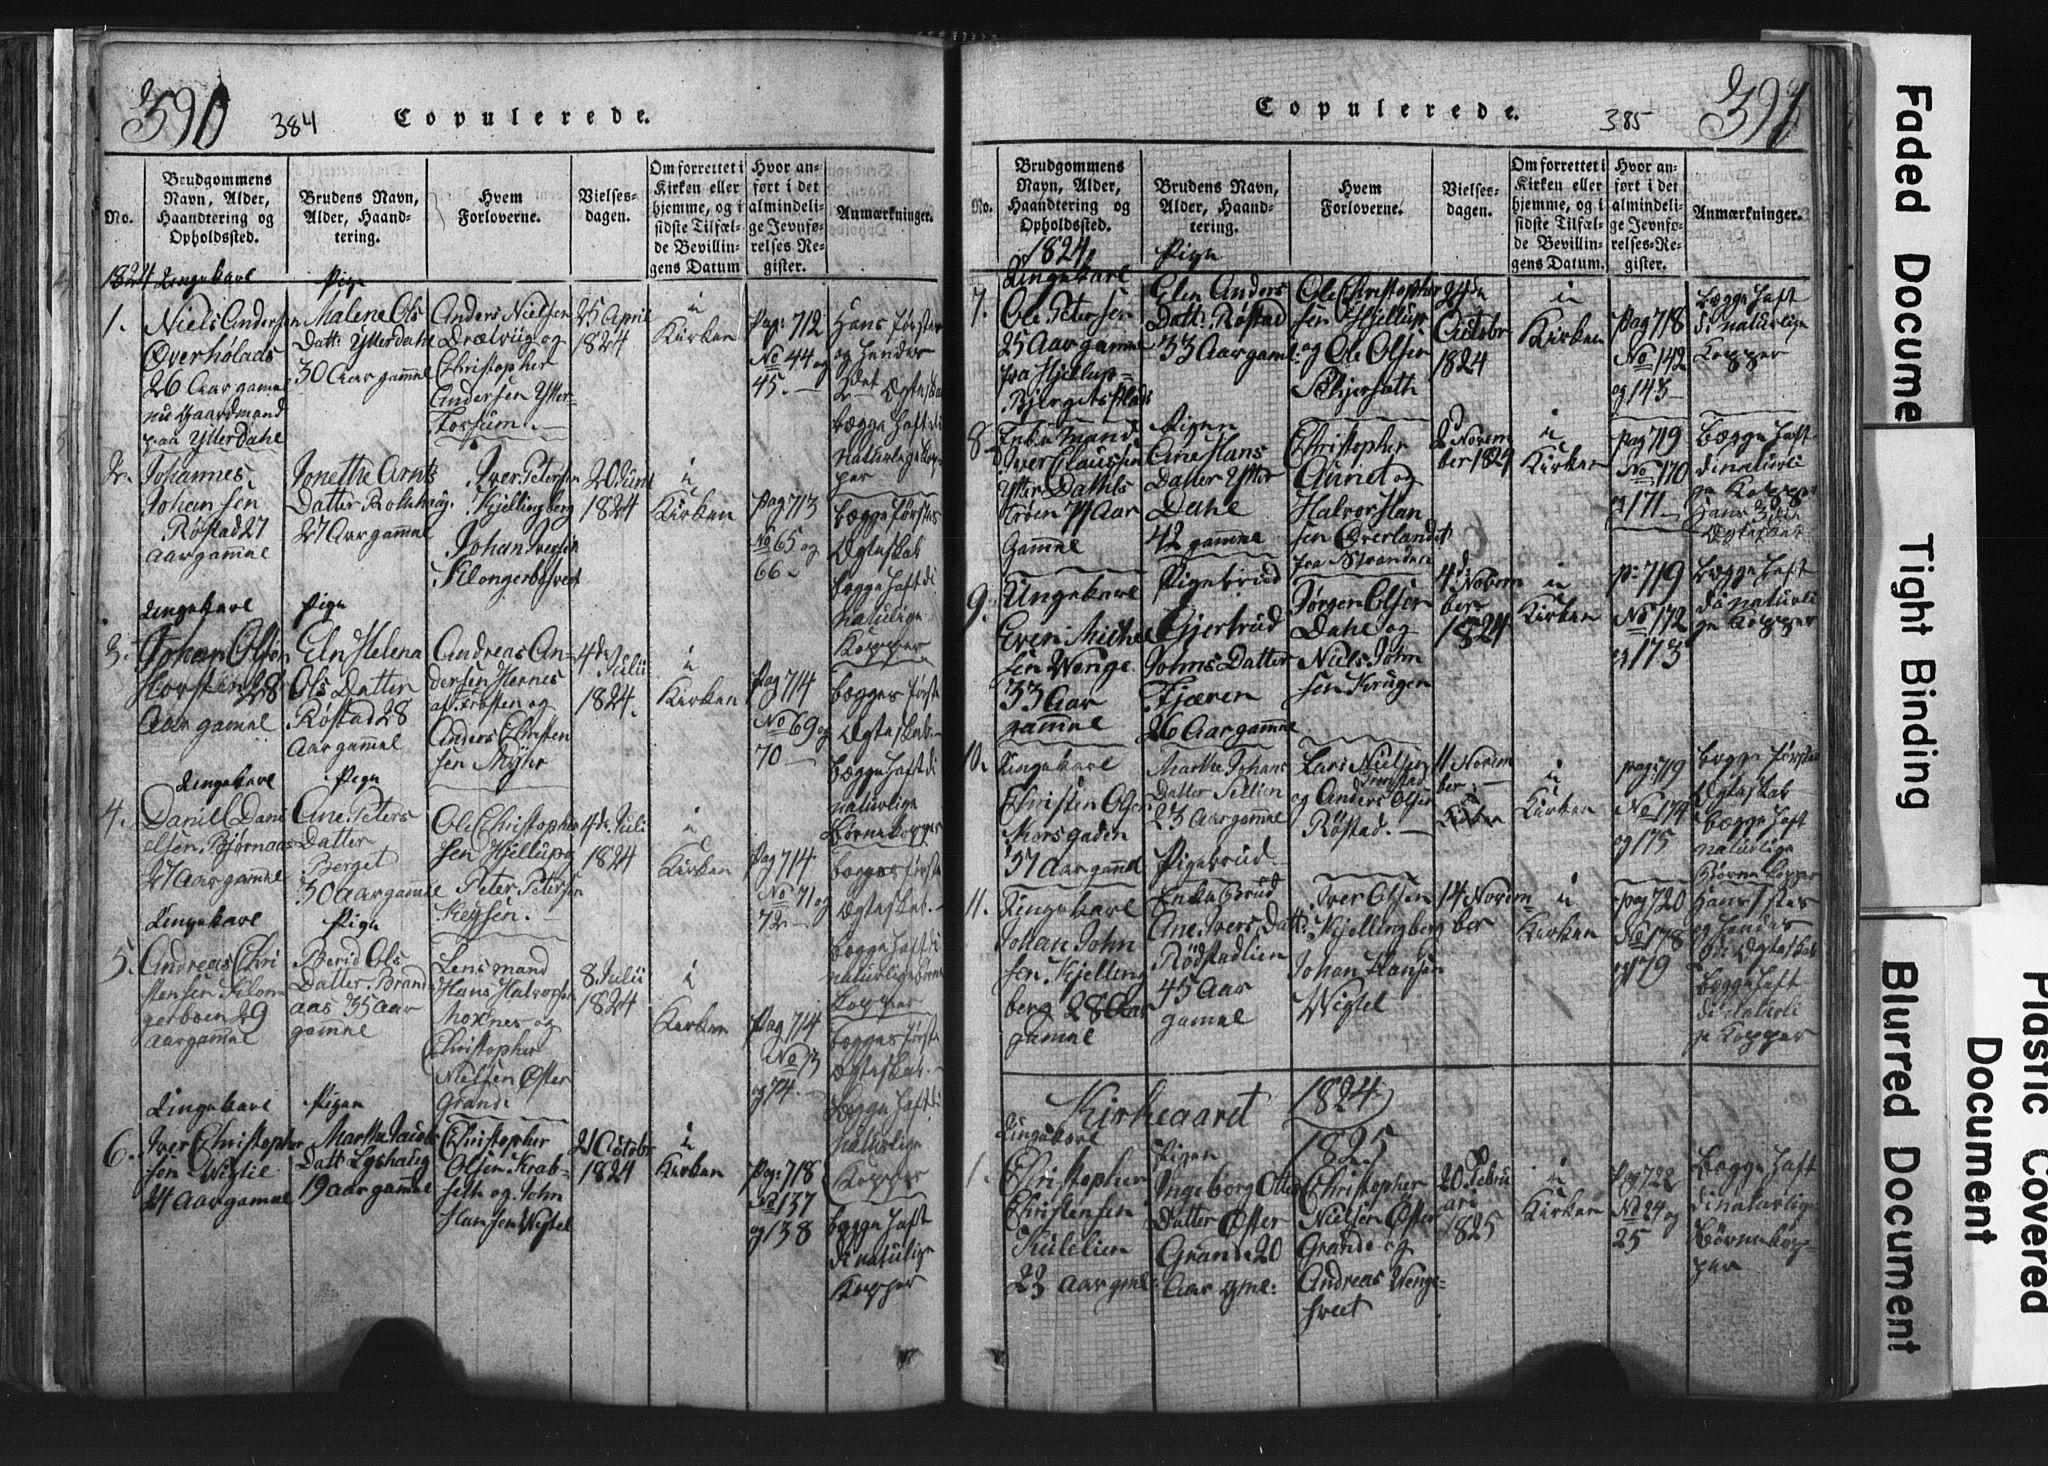 SAT, Ministerialprotokoller, klokkerbøker og fødselsregistre - Nord-Trøndelag, 701/L0017: Klokkerbok nr. 701C01, 1817-1825, s. 384-385